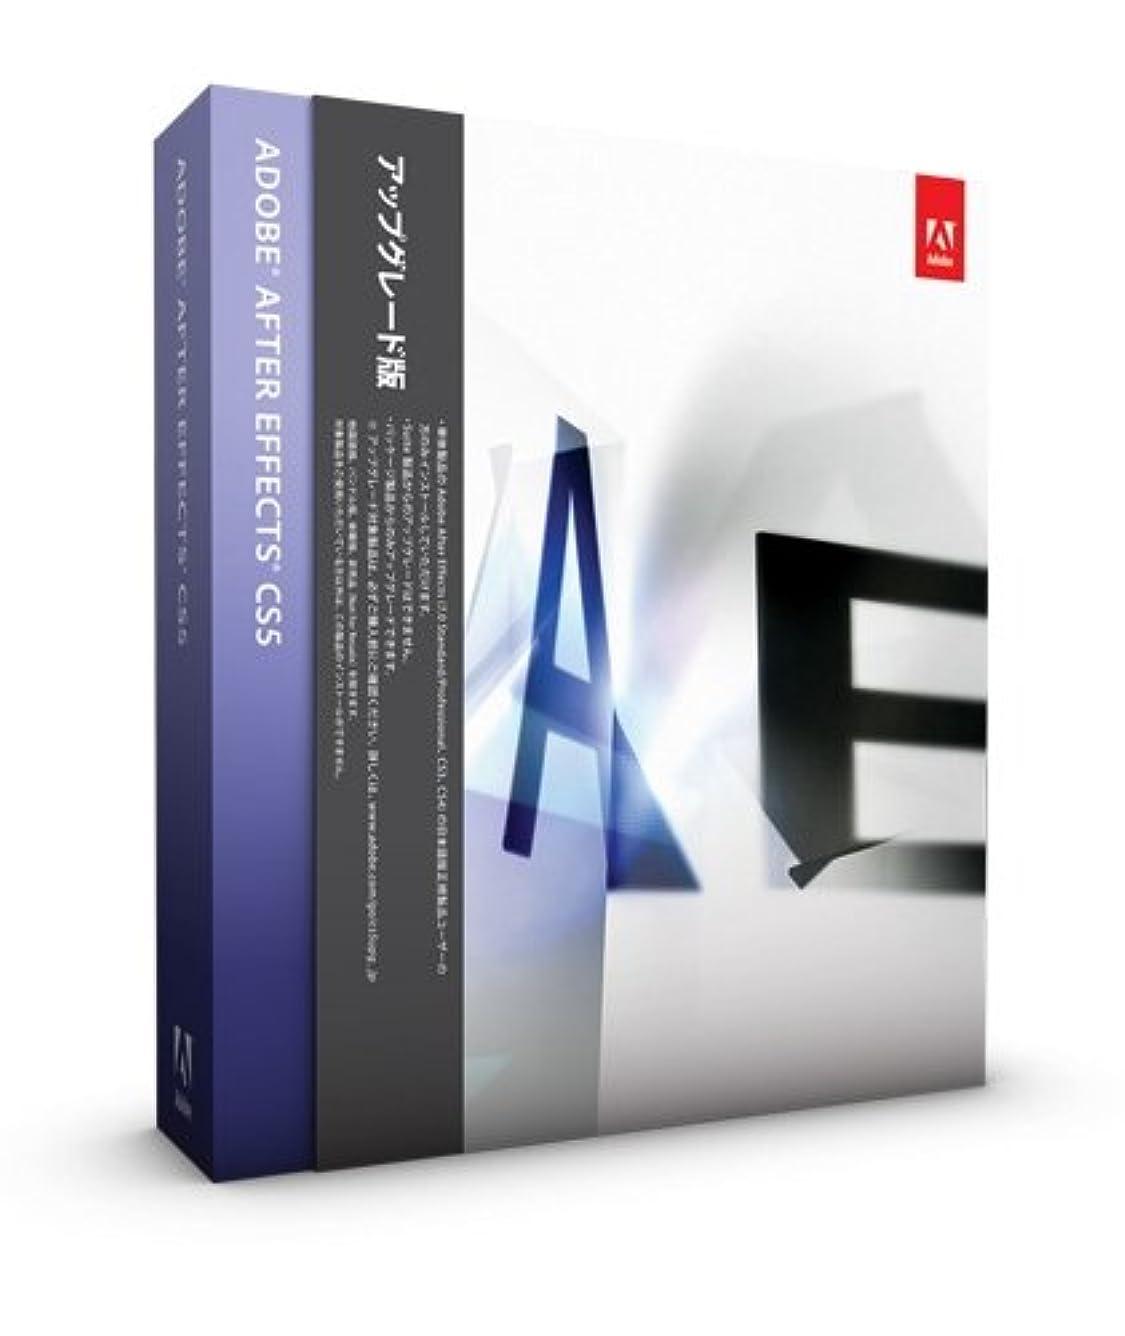 マスタード四半期代わりにを立てるAdobe After Effects CS5 アップグレード版 Windows版 (64bit) (旧製品)